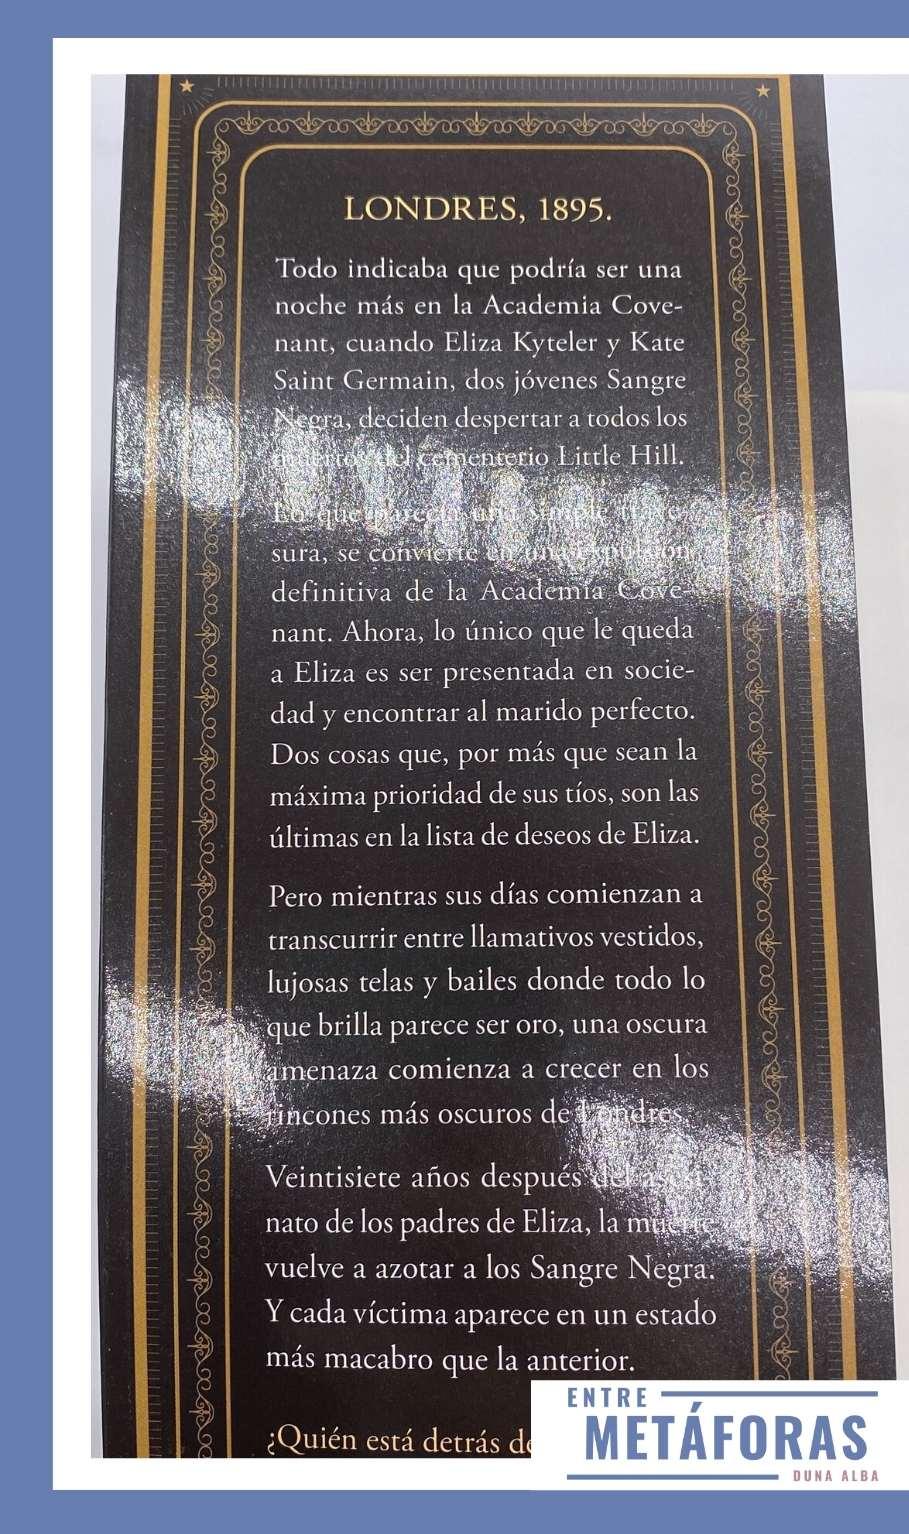 El vals de la bruja, de Belén Martínez